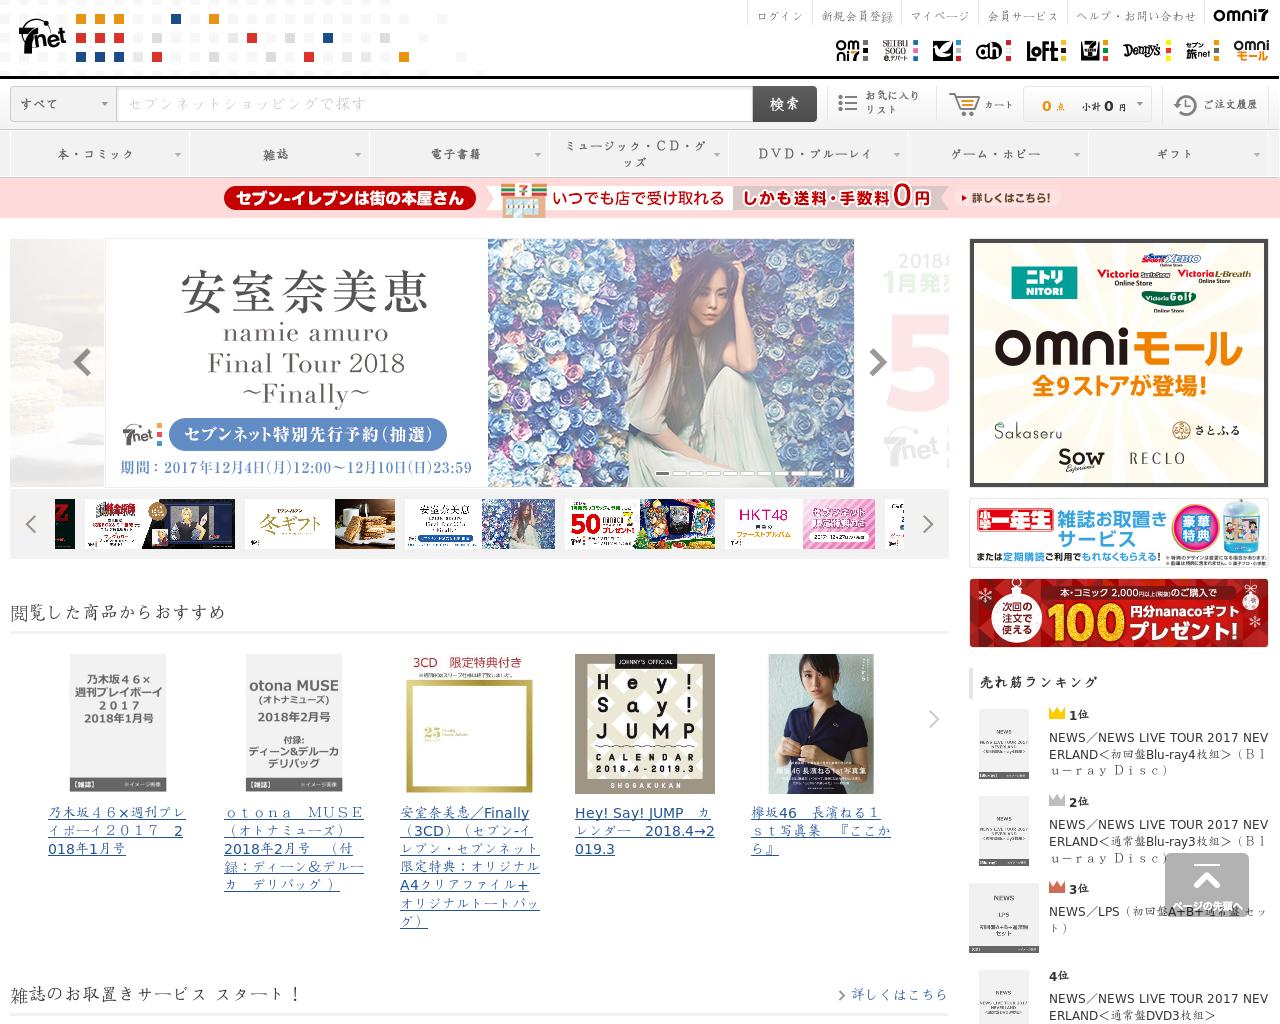 7net.omni7.jp(2017/12/01 21:41:10)